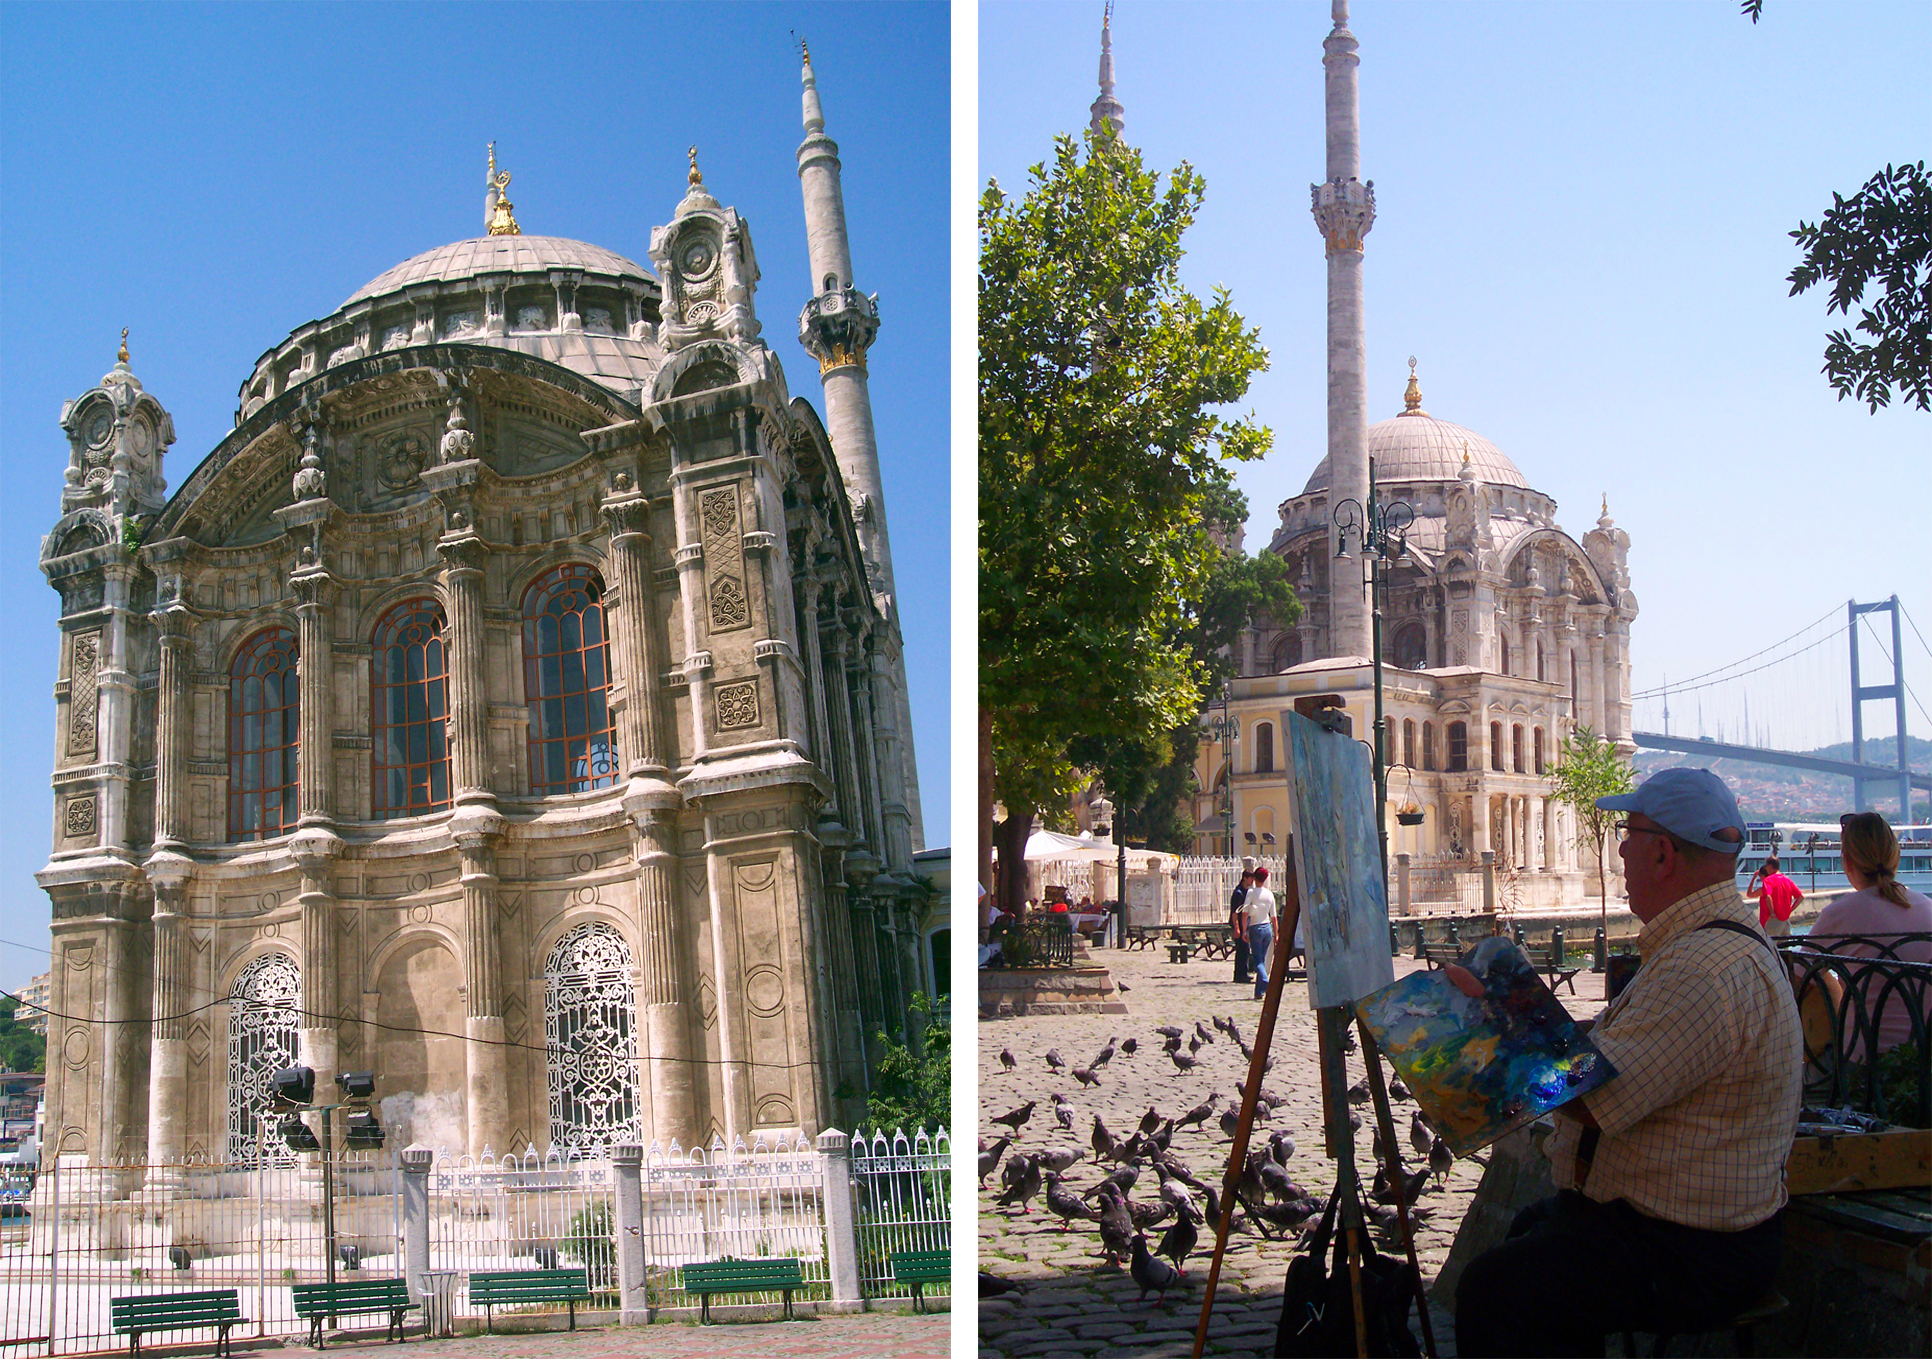 qué ver en Estambul, Turquía - Istanbul, Turkey qué ver en estambul - 30362987394 62e04d5aea o - Qué ver en Estambul